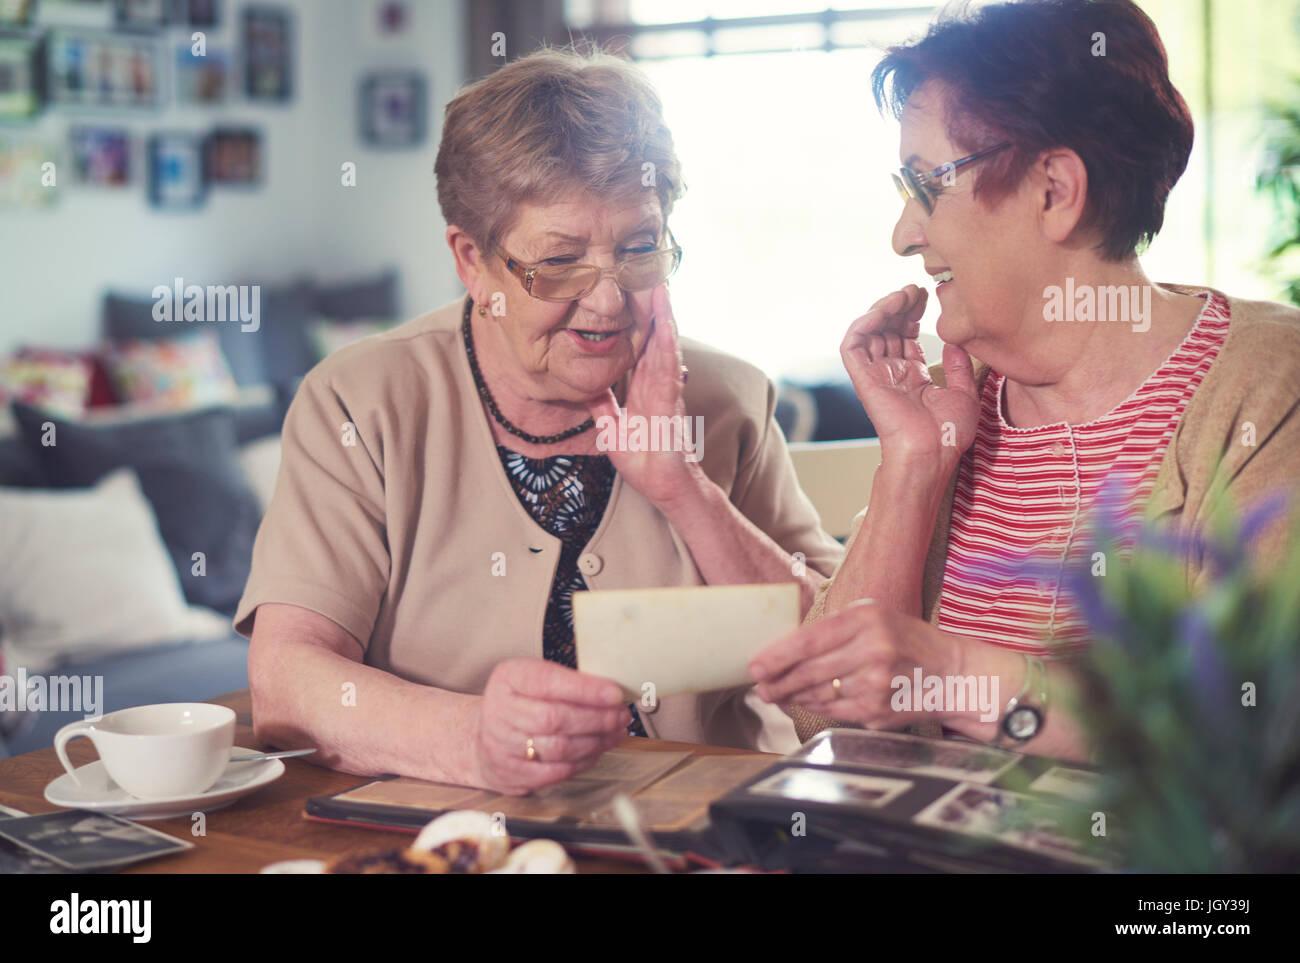 Dos mujeres de edad charlando mientras mira las fotografías antiguas en la mesa Imagen De Stock